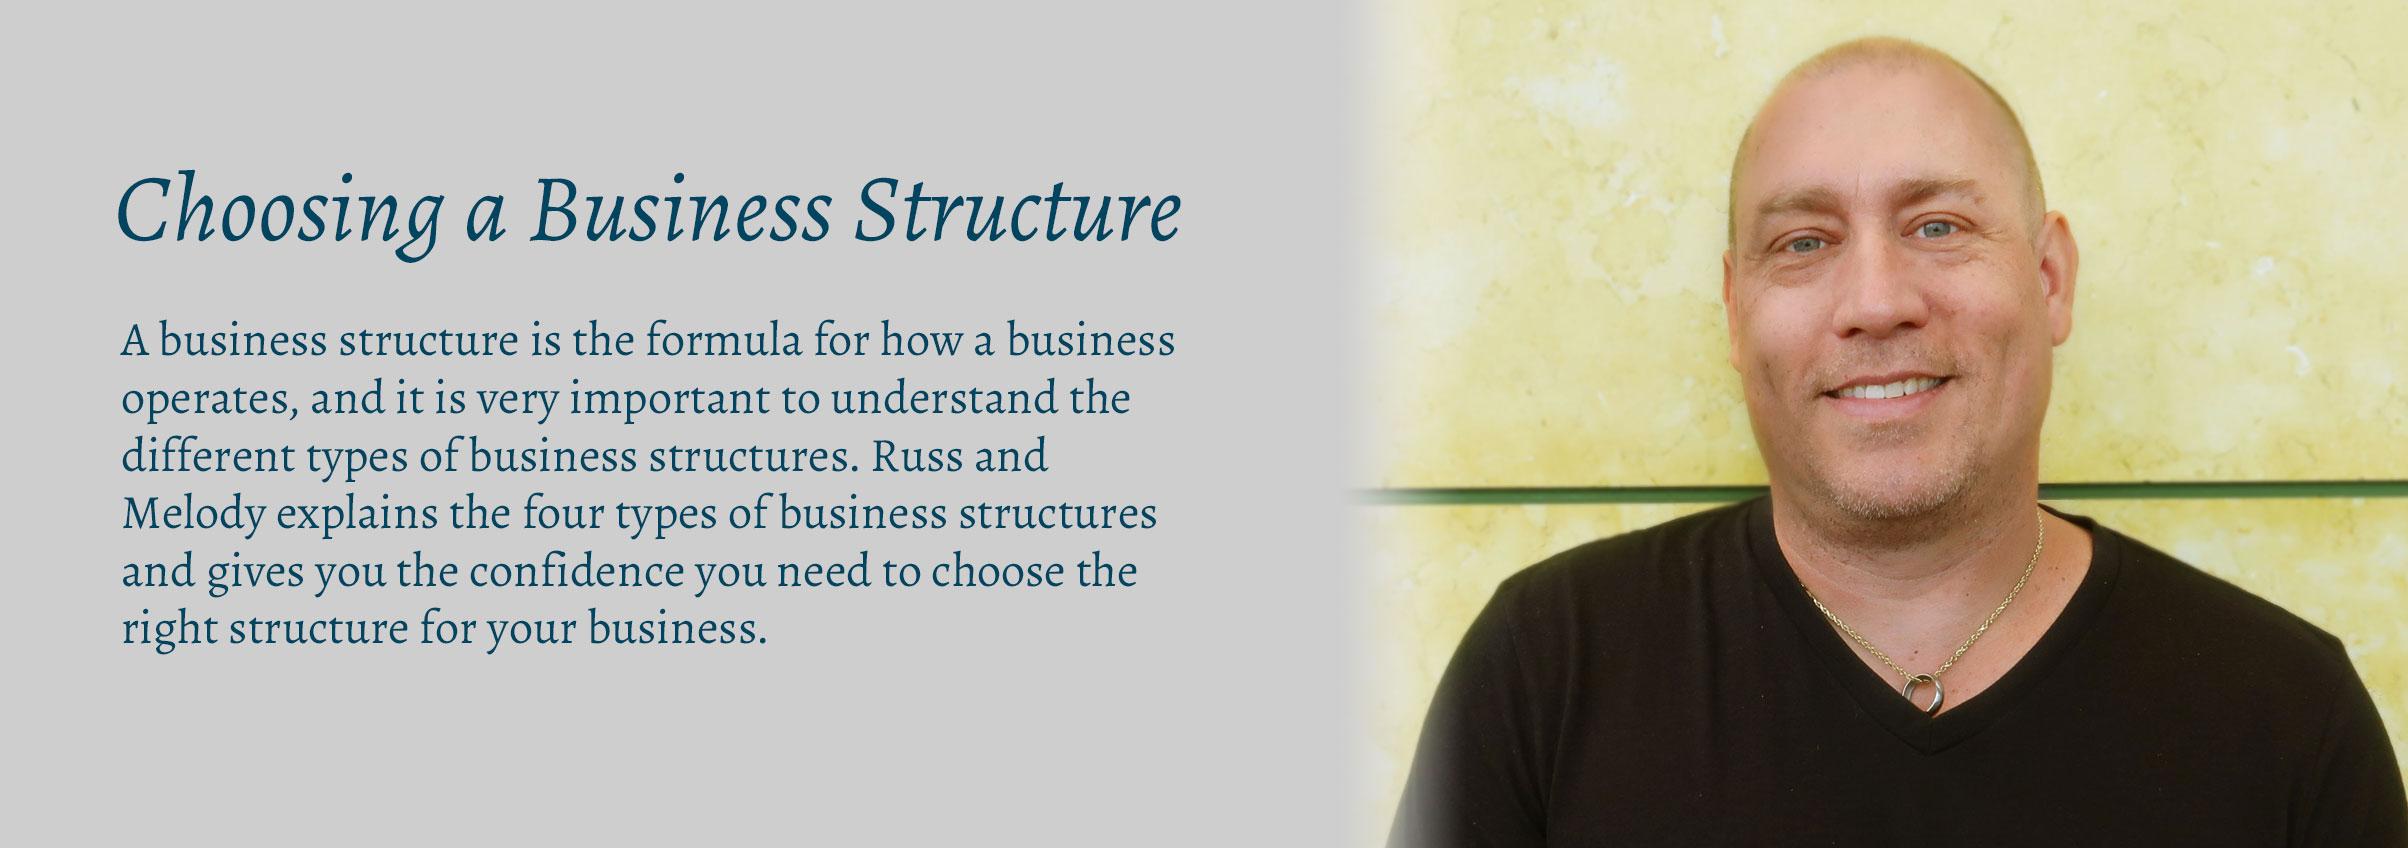 Choosing-a-Business-Structure.jpg